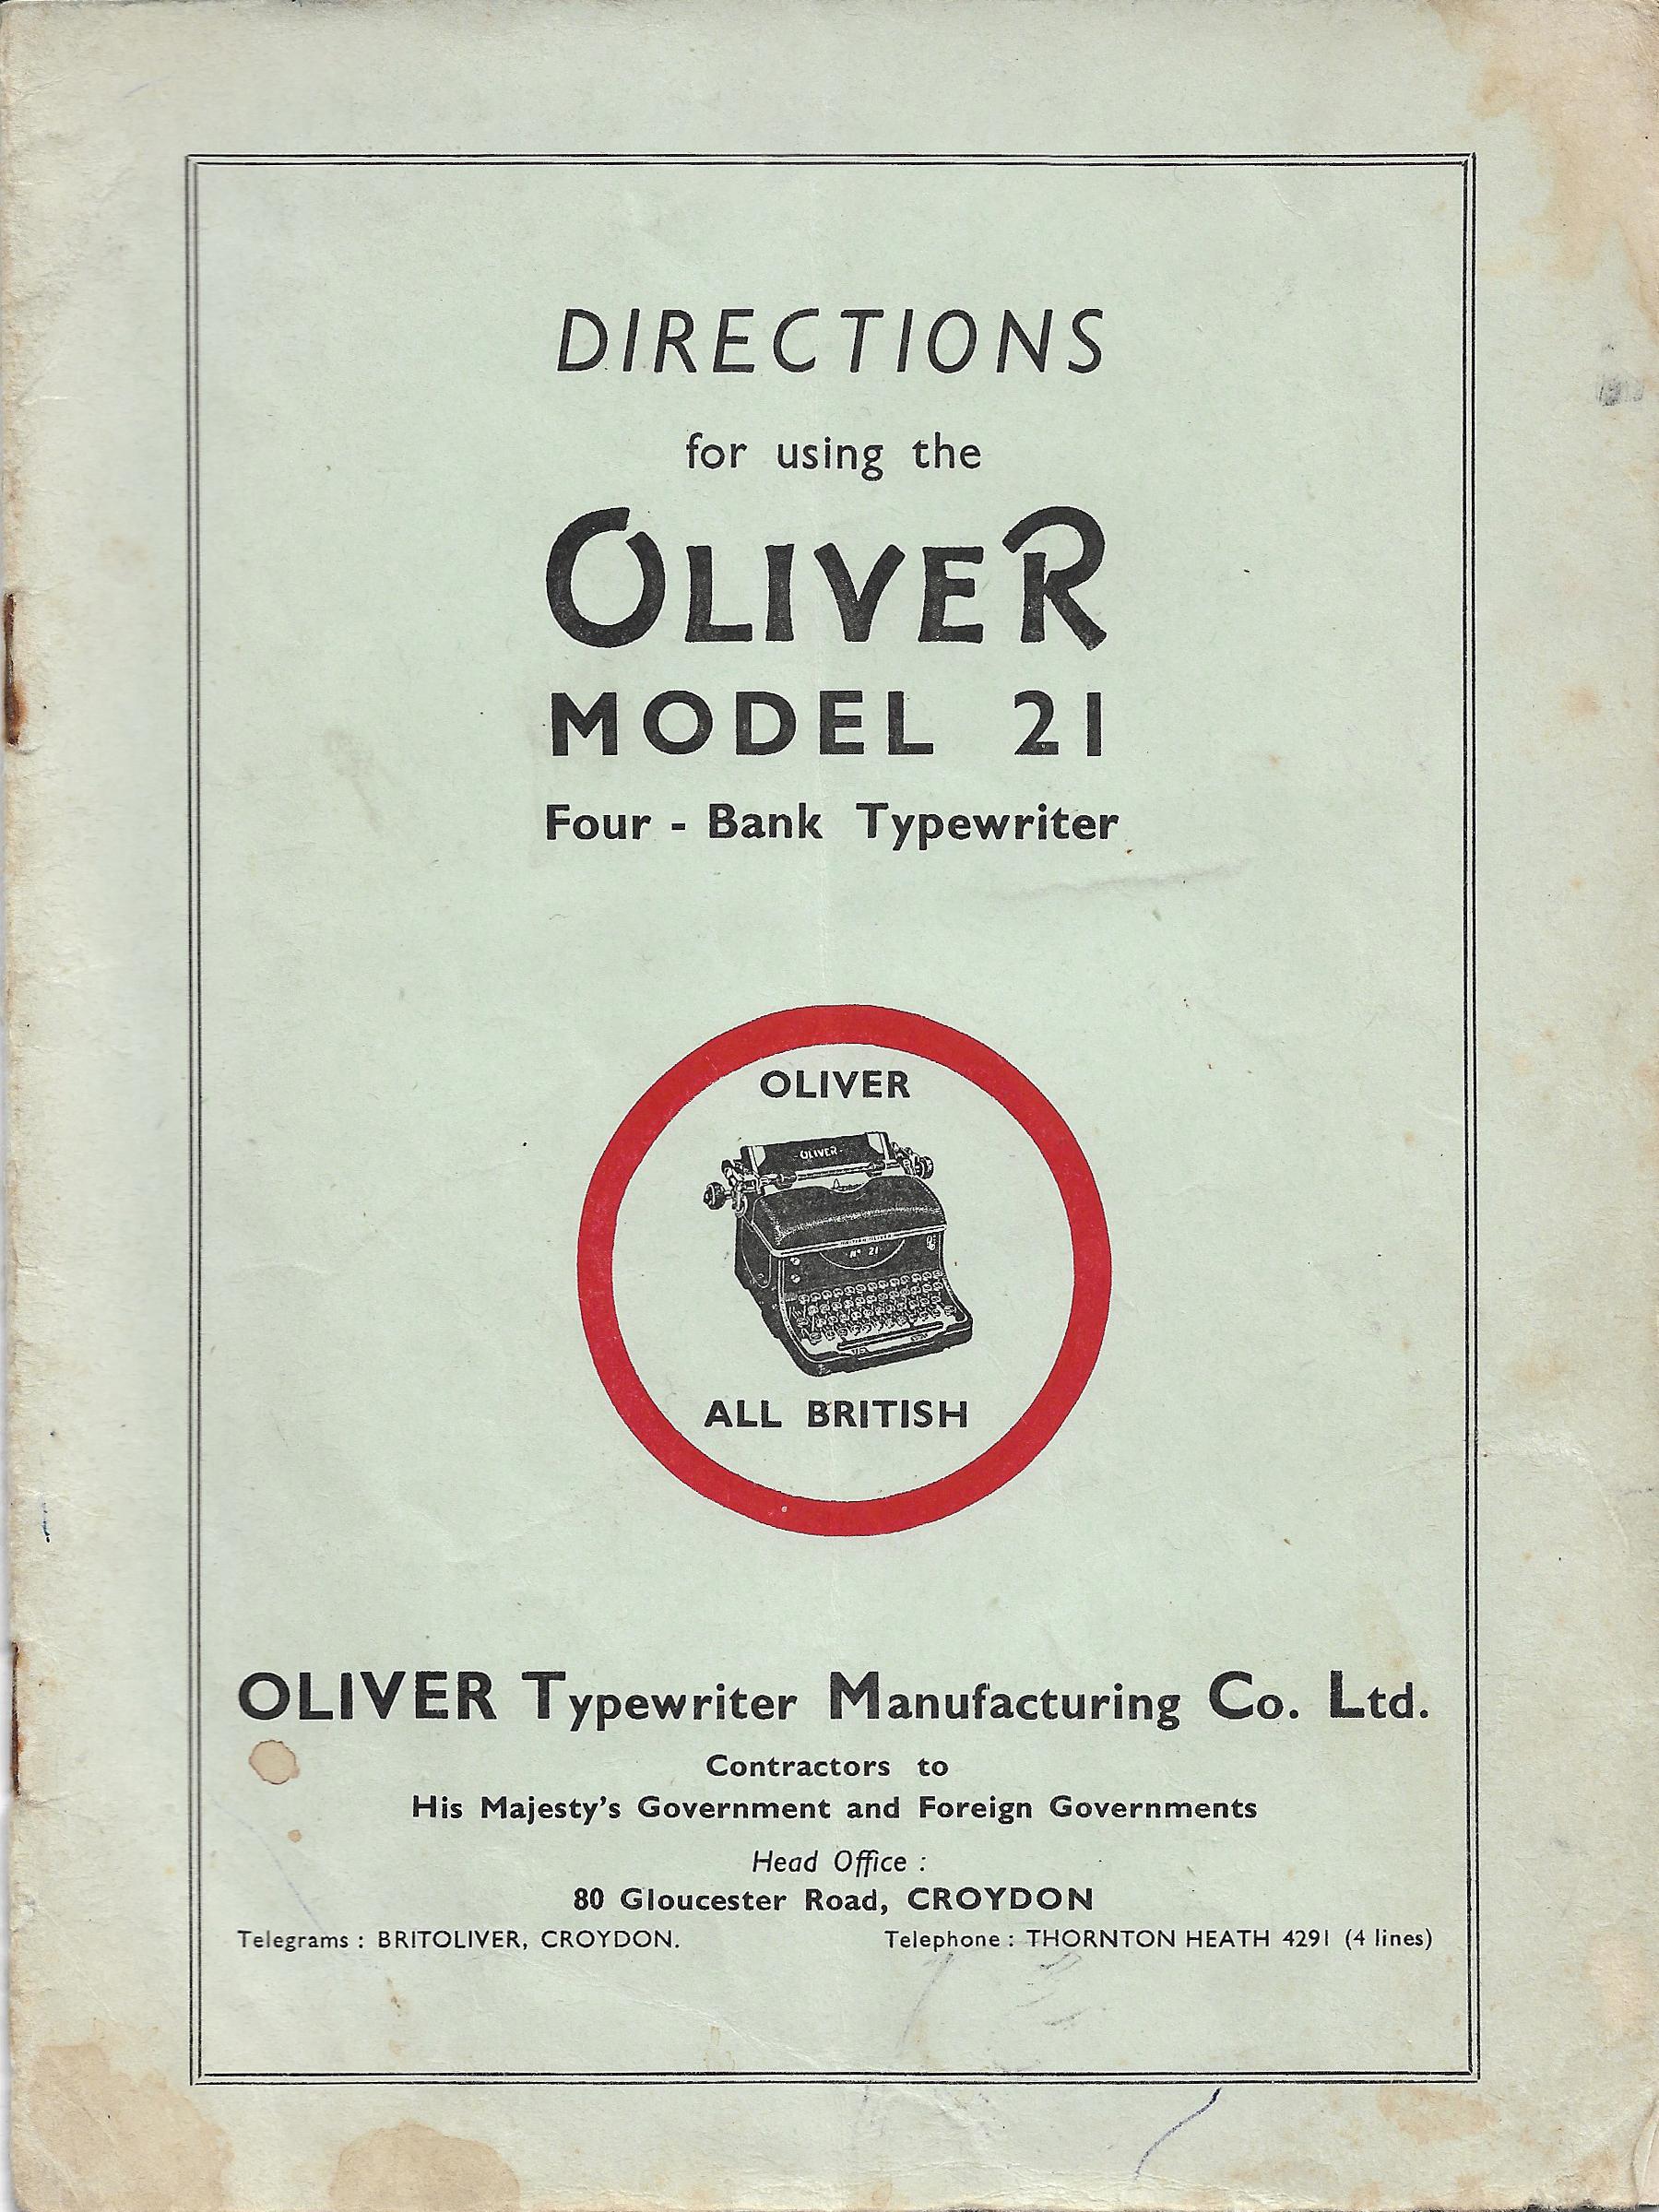 Oliver Model 21 Directions